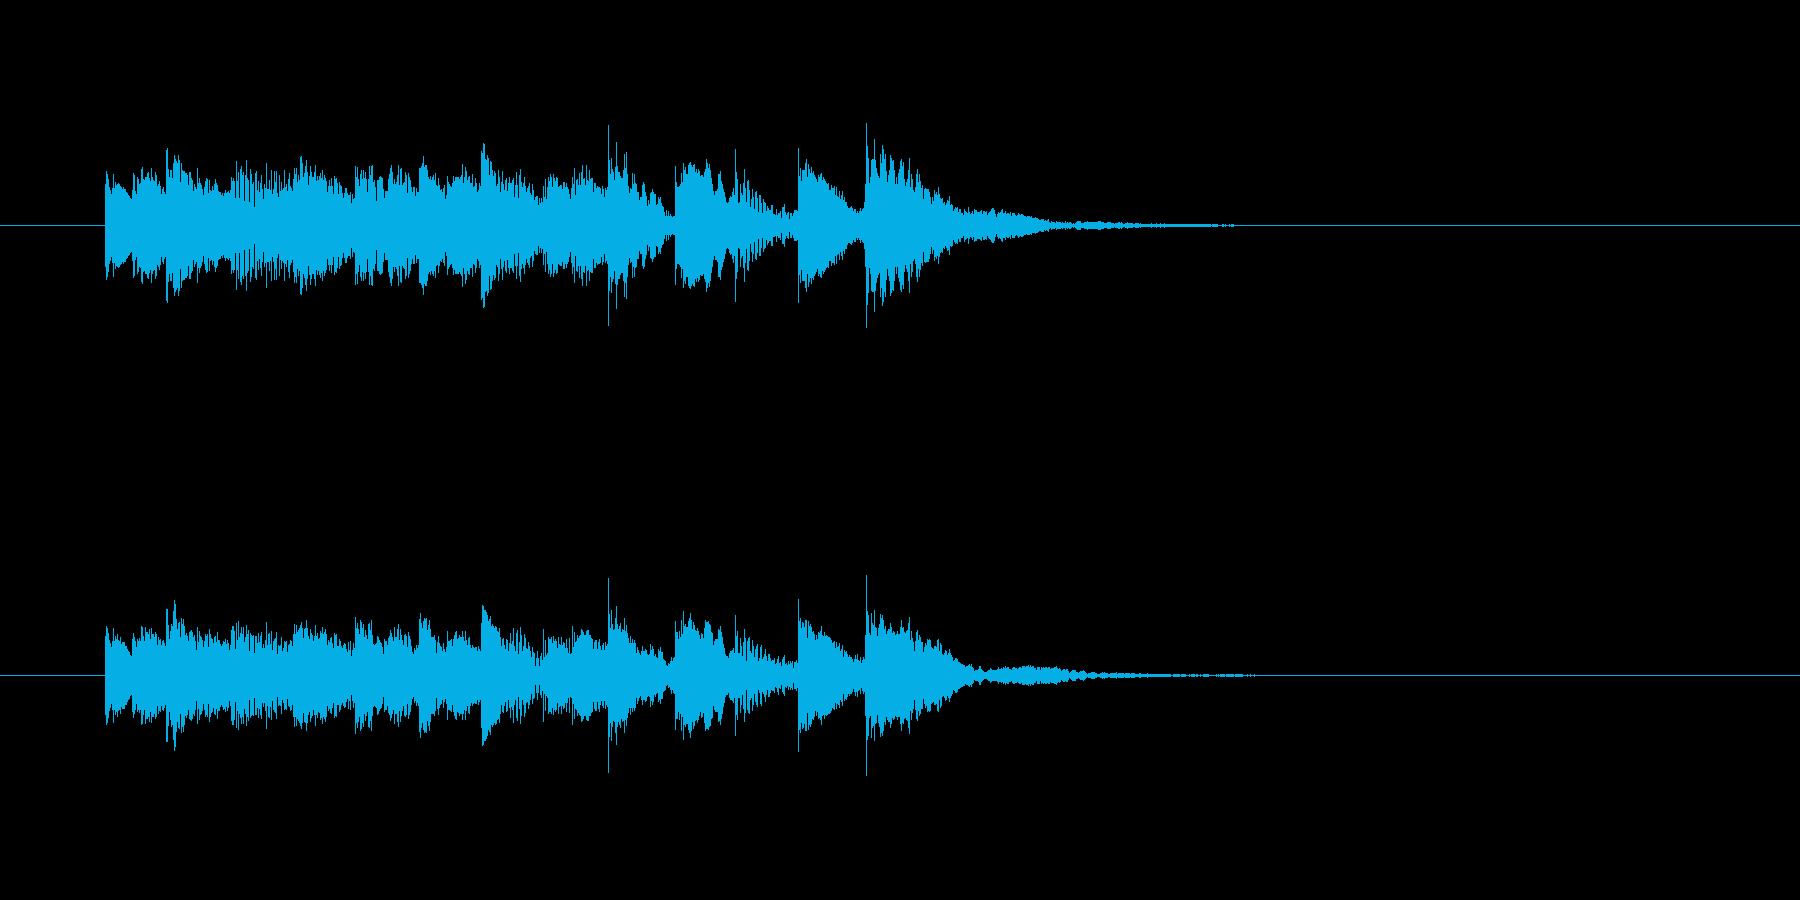 ピロピロピロリンリン(透明感、打楽器)の再生済みの波形